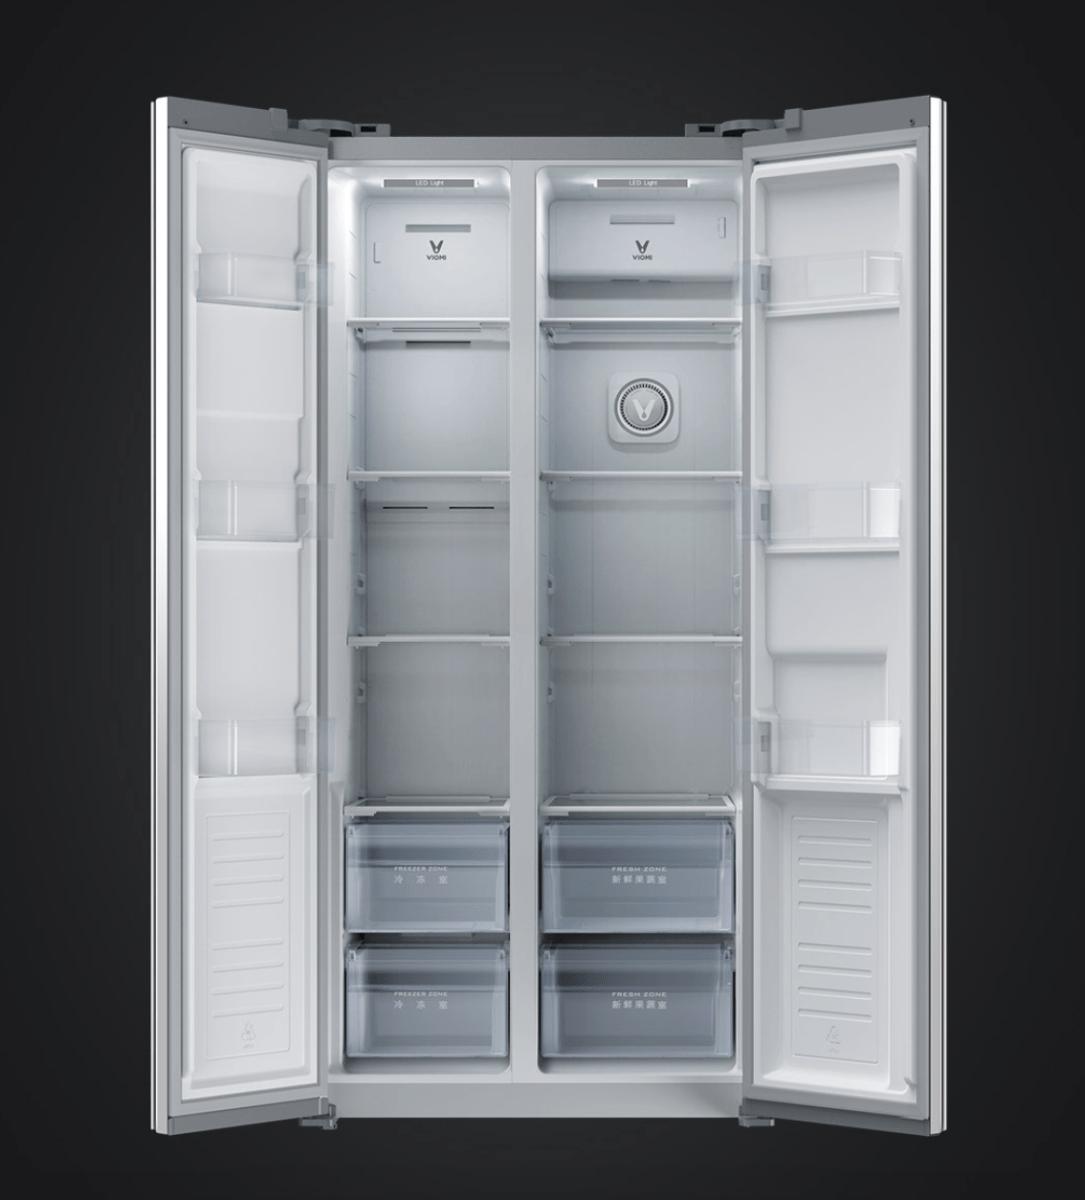 Tủ Lạnh Xiaomi Viomi với 2 cánh vô cùng tiện lợi